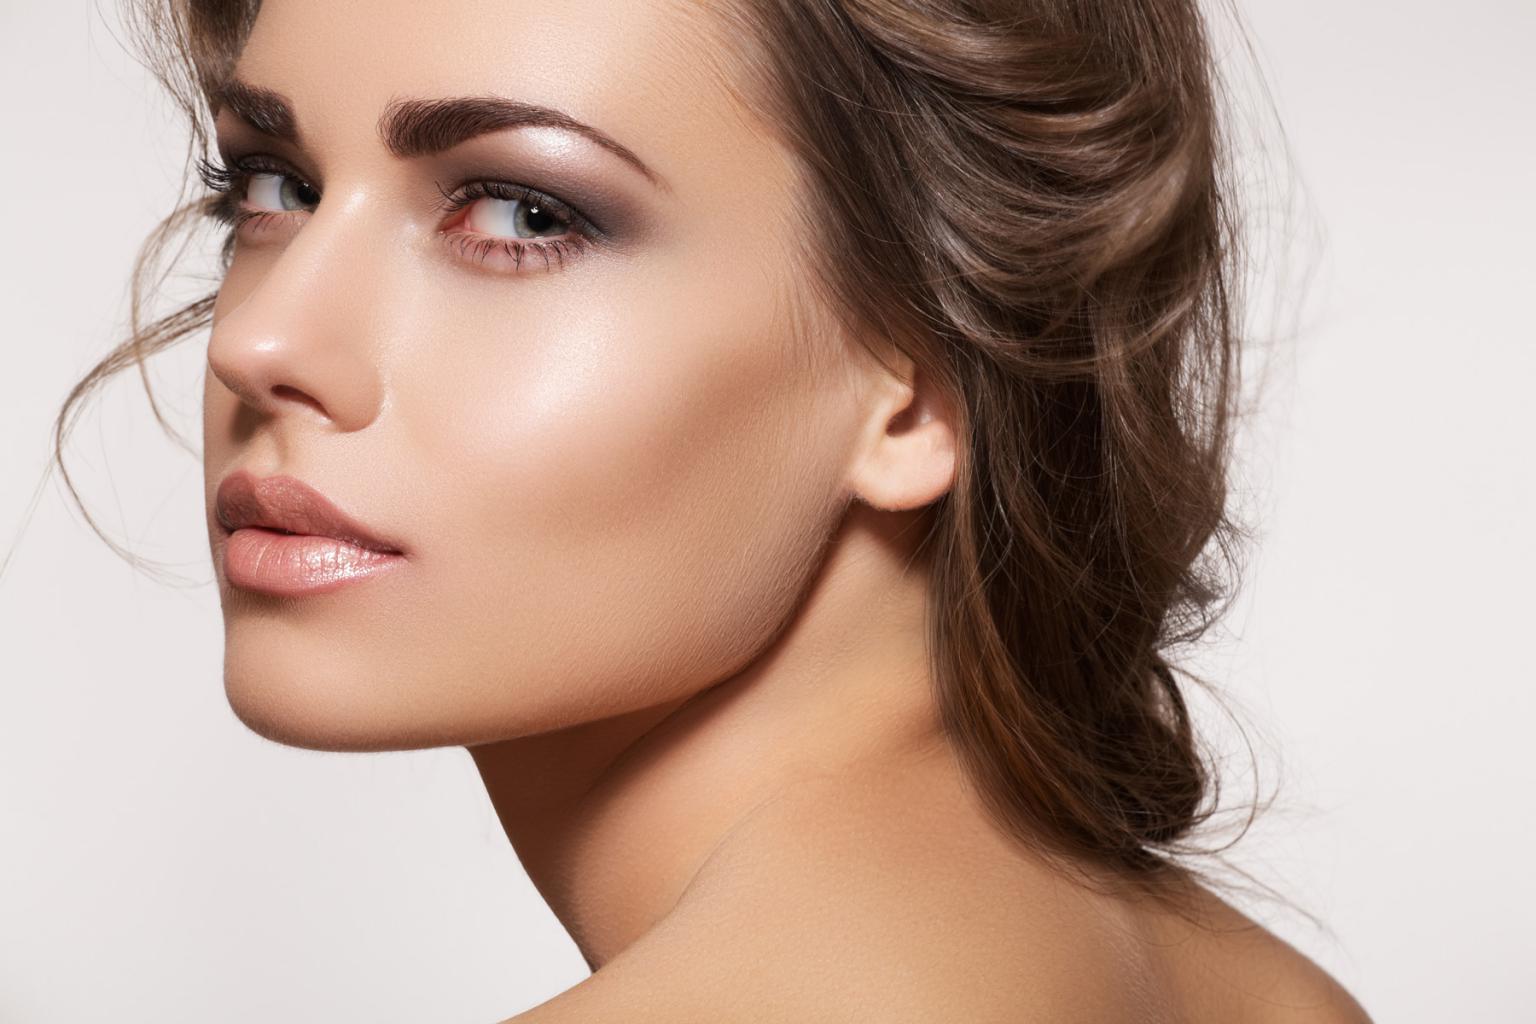 Как делают макияж ухоженные девушки фото